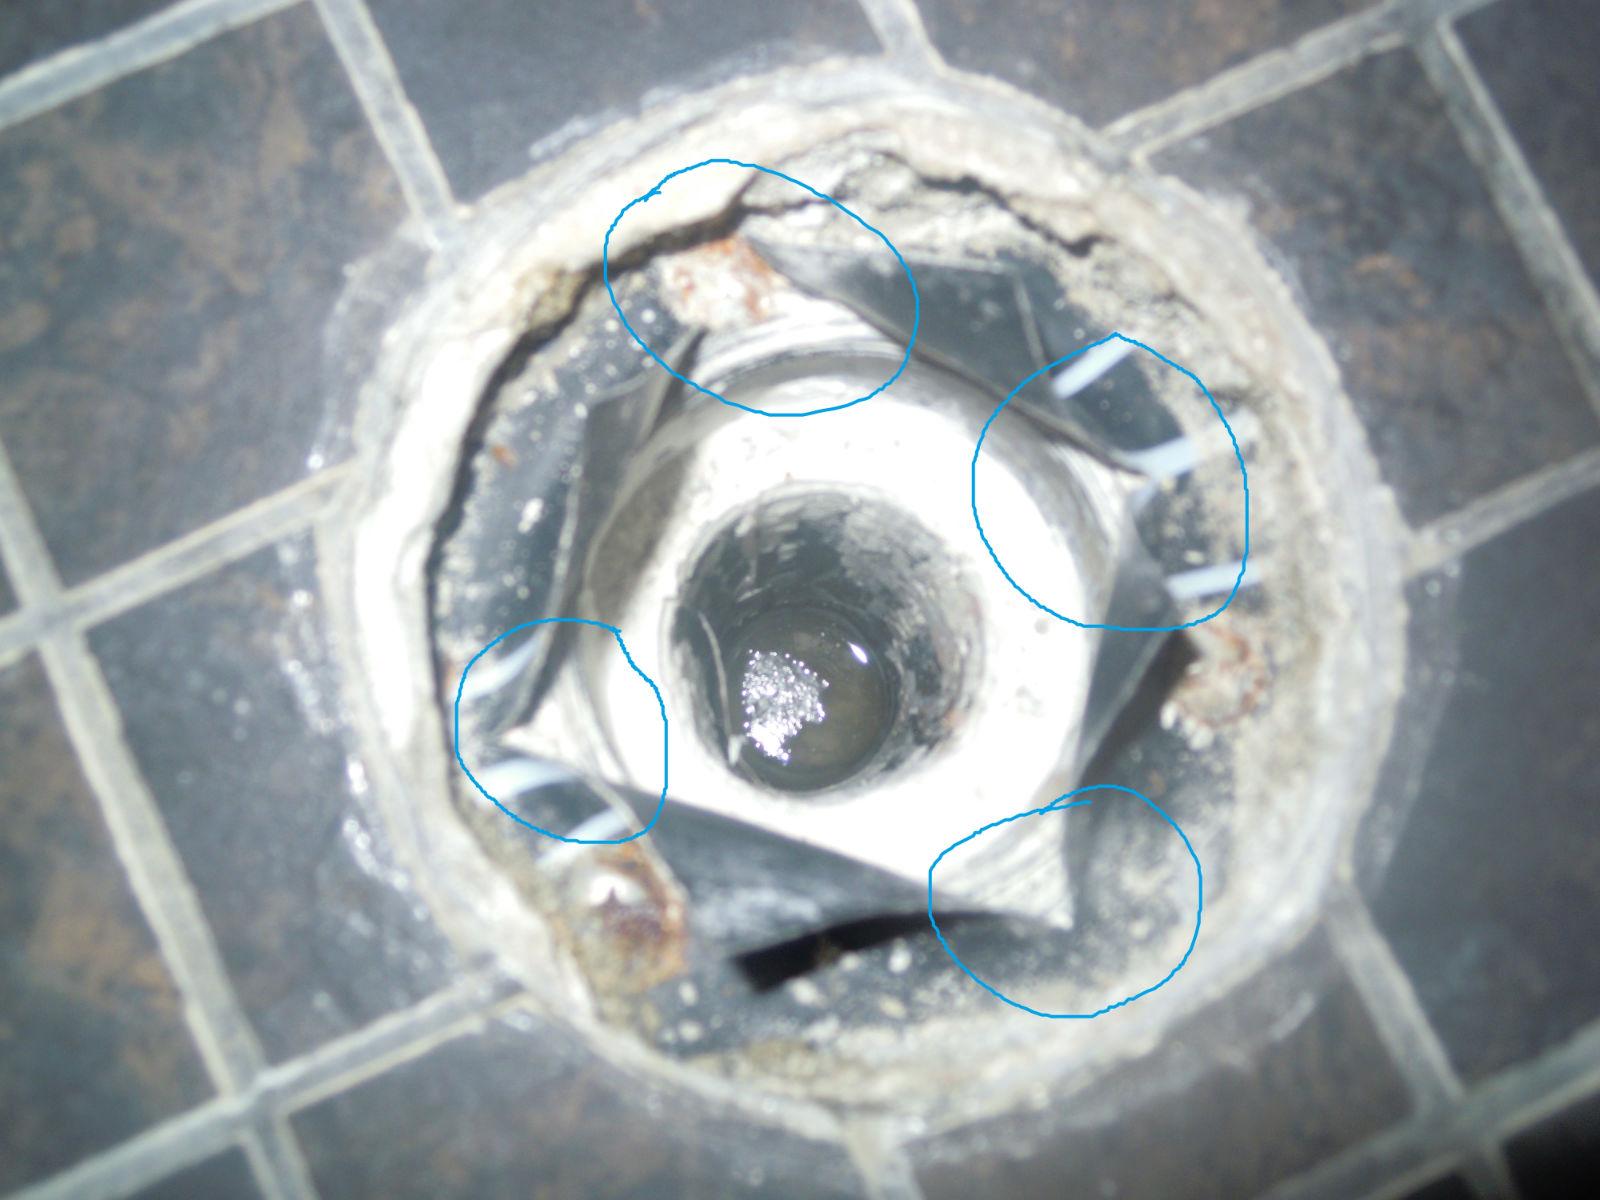 tile shower drain has leaked